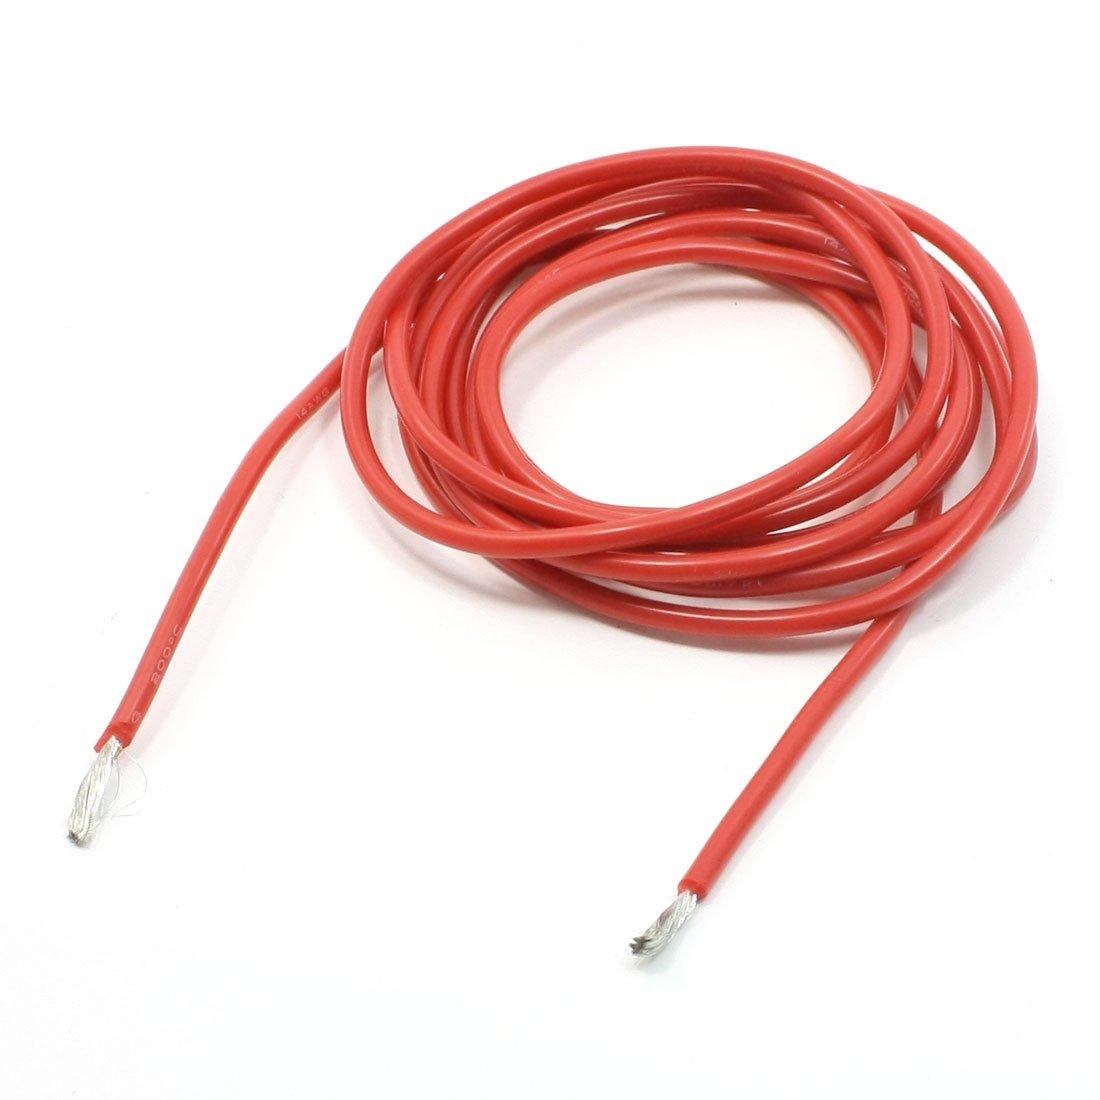 sourcing map Tubo de manguera de tubo de goma de silicona de 5 mm x 7 mm de alta resistencia resistente rojo 1 metro de largo